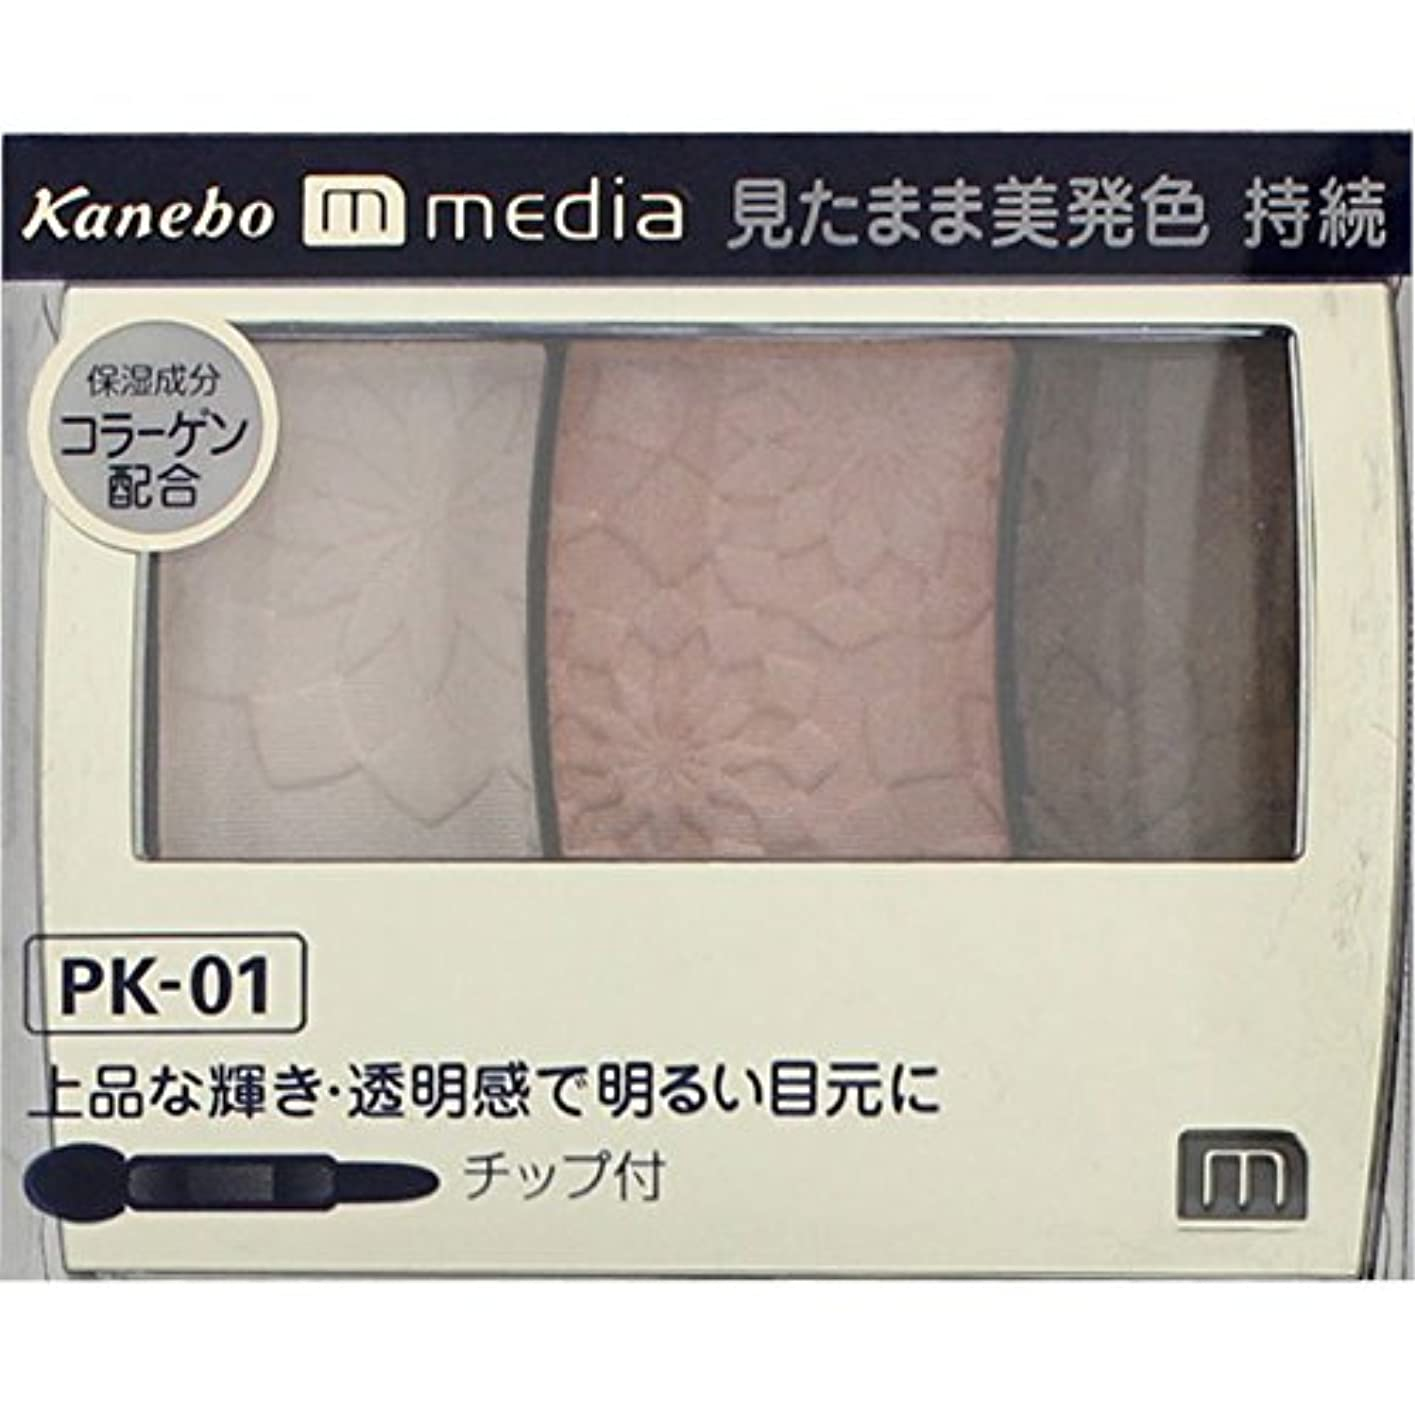 連帯ギャンブル比類なき【カネボウ】 メディア グラデカラーアイシャドウ PK-01